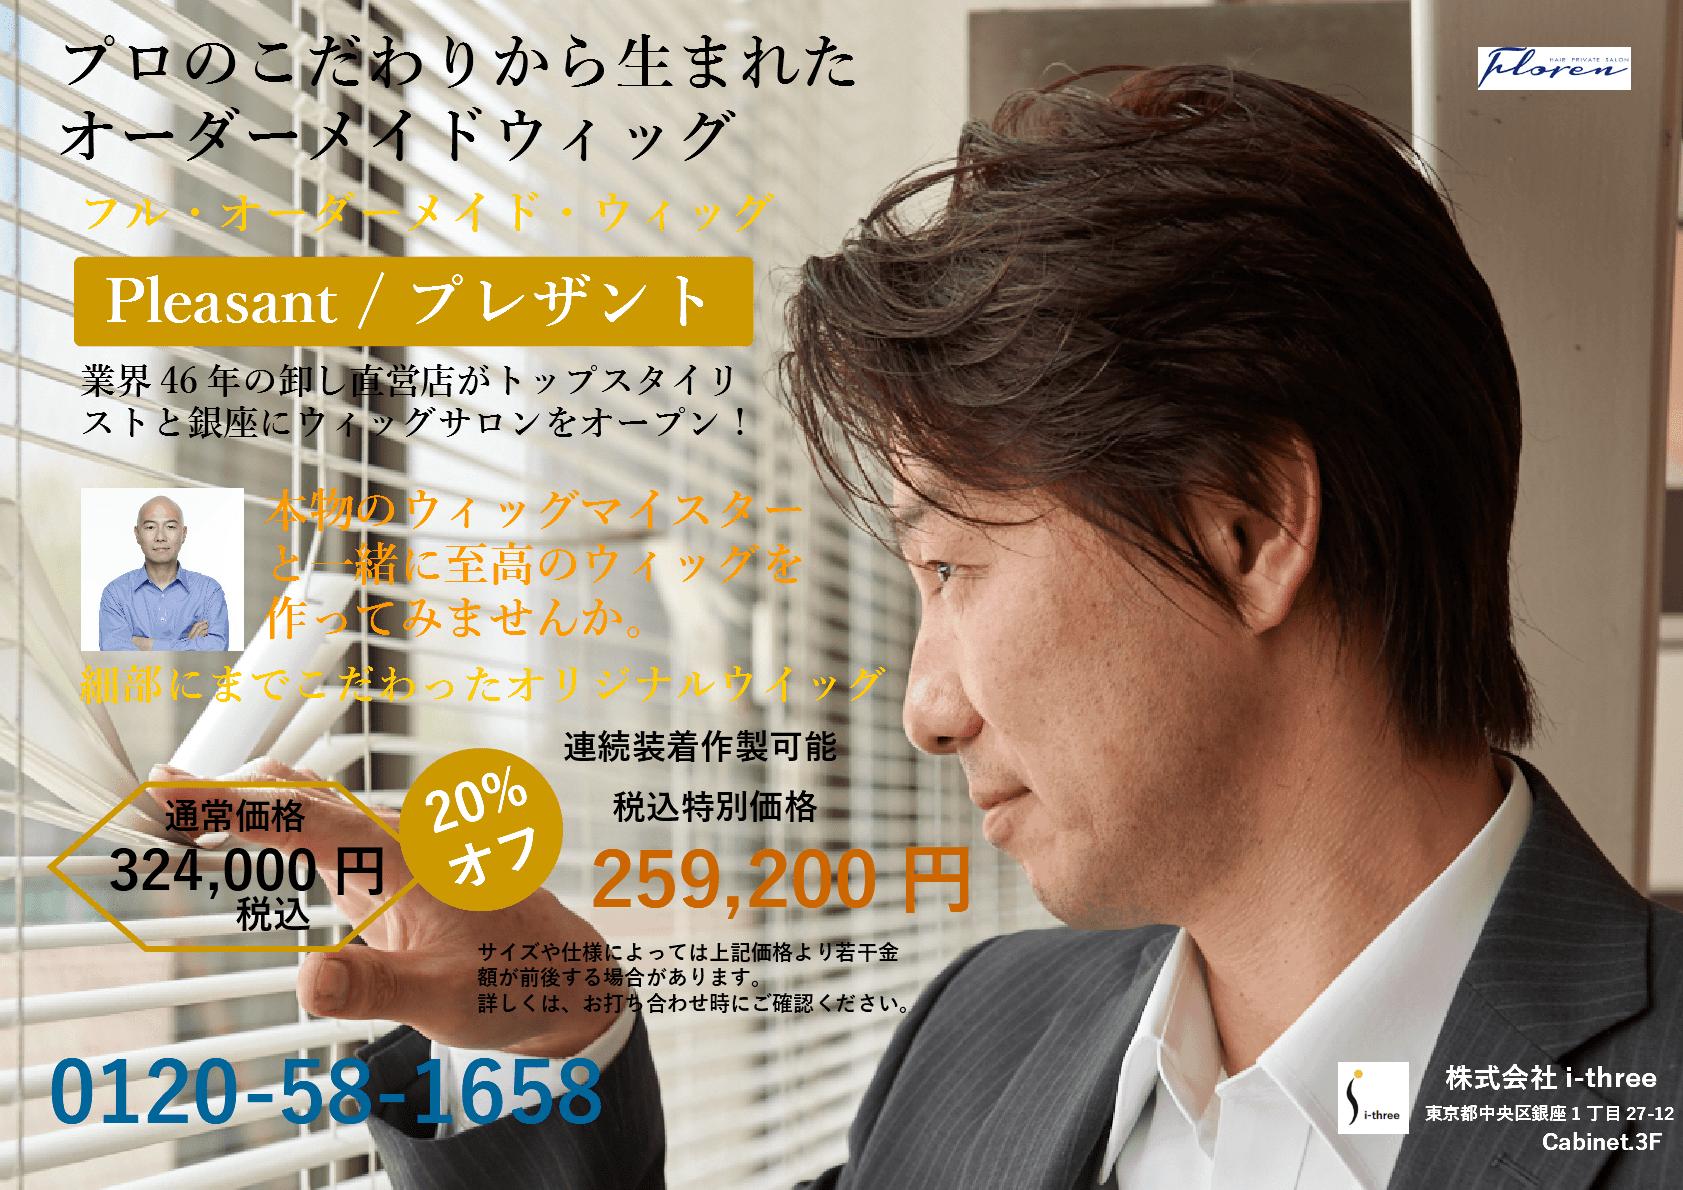 武田さんオーダーメイドウィッグ・プレザント